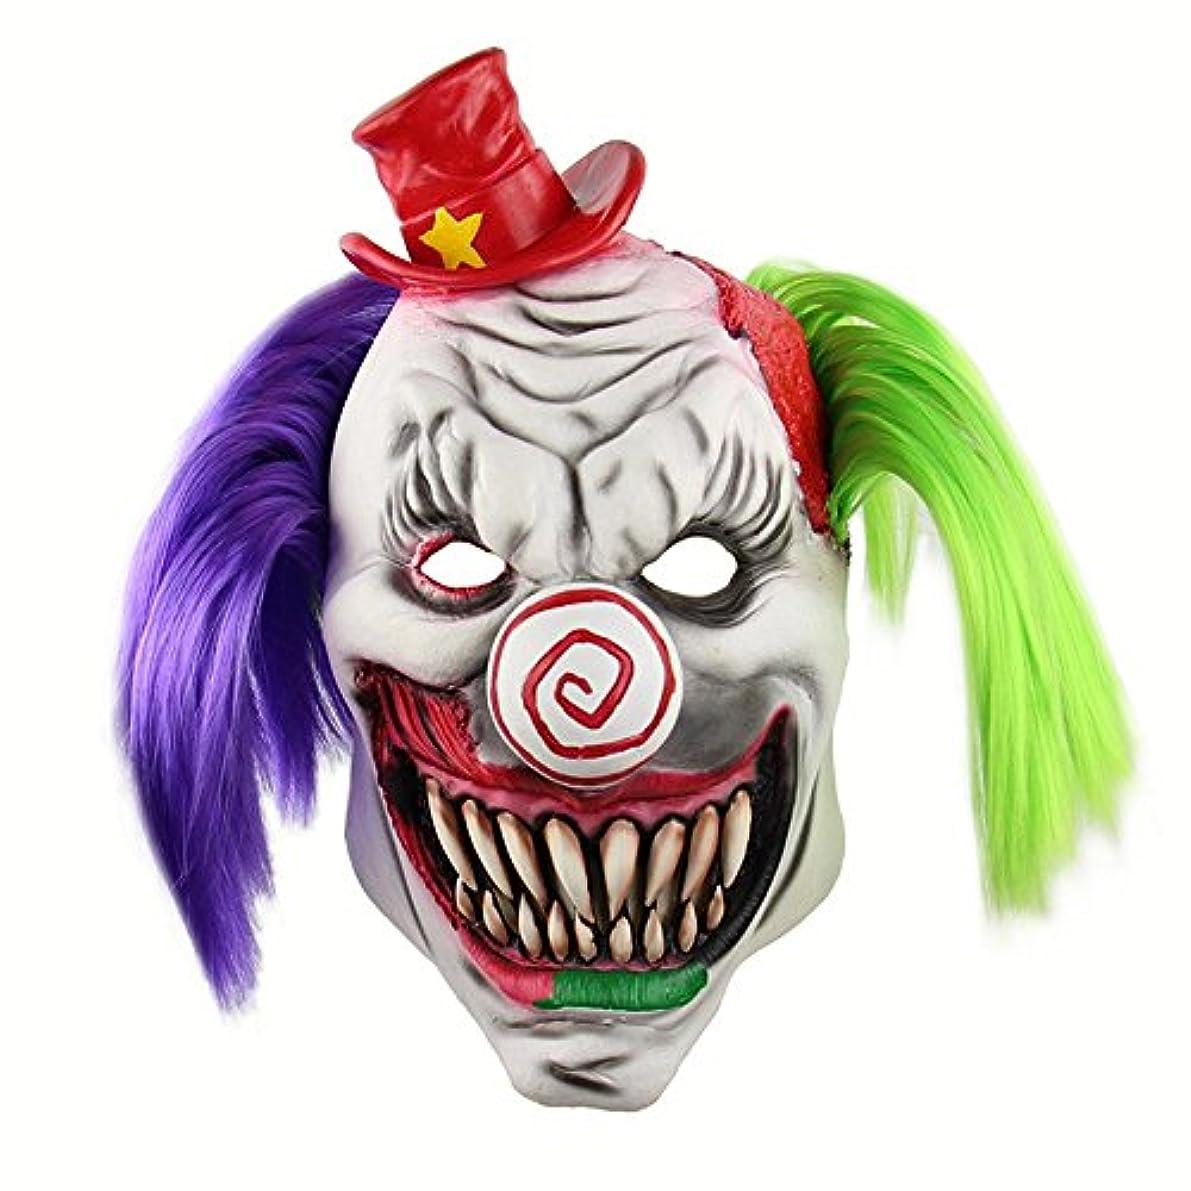 スポークスマン憂鬱な衣装ハロウィーンマスクホラーレッドハットピエロフードライブマスク